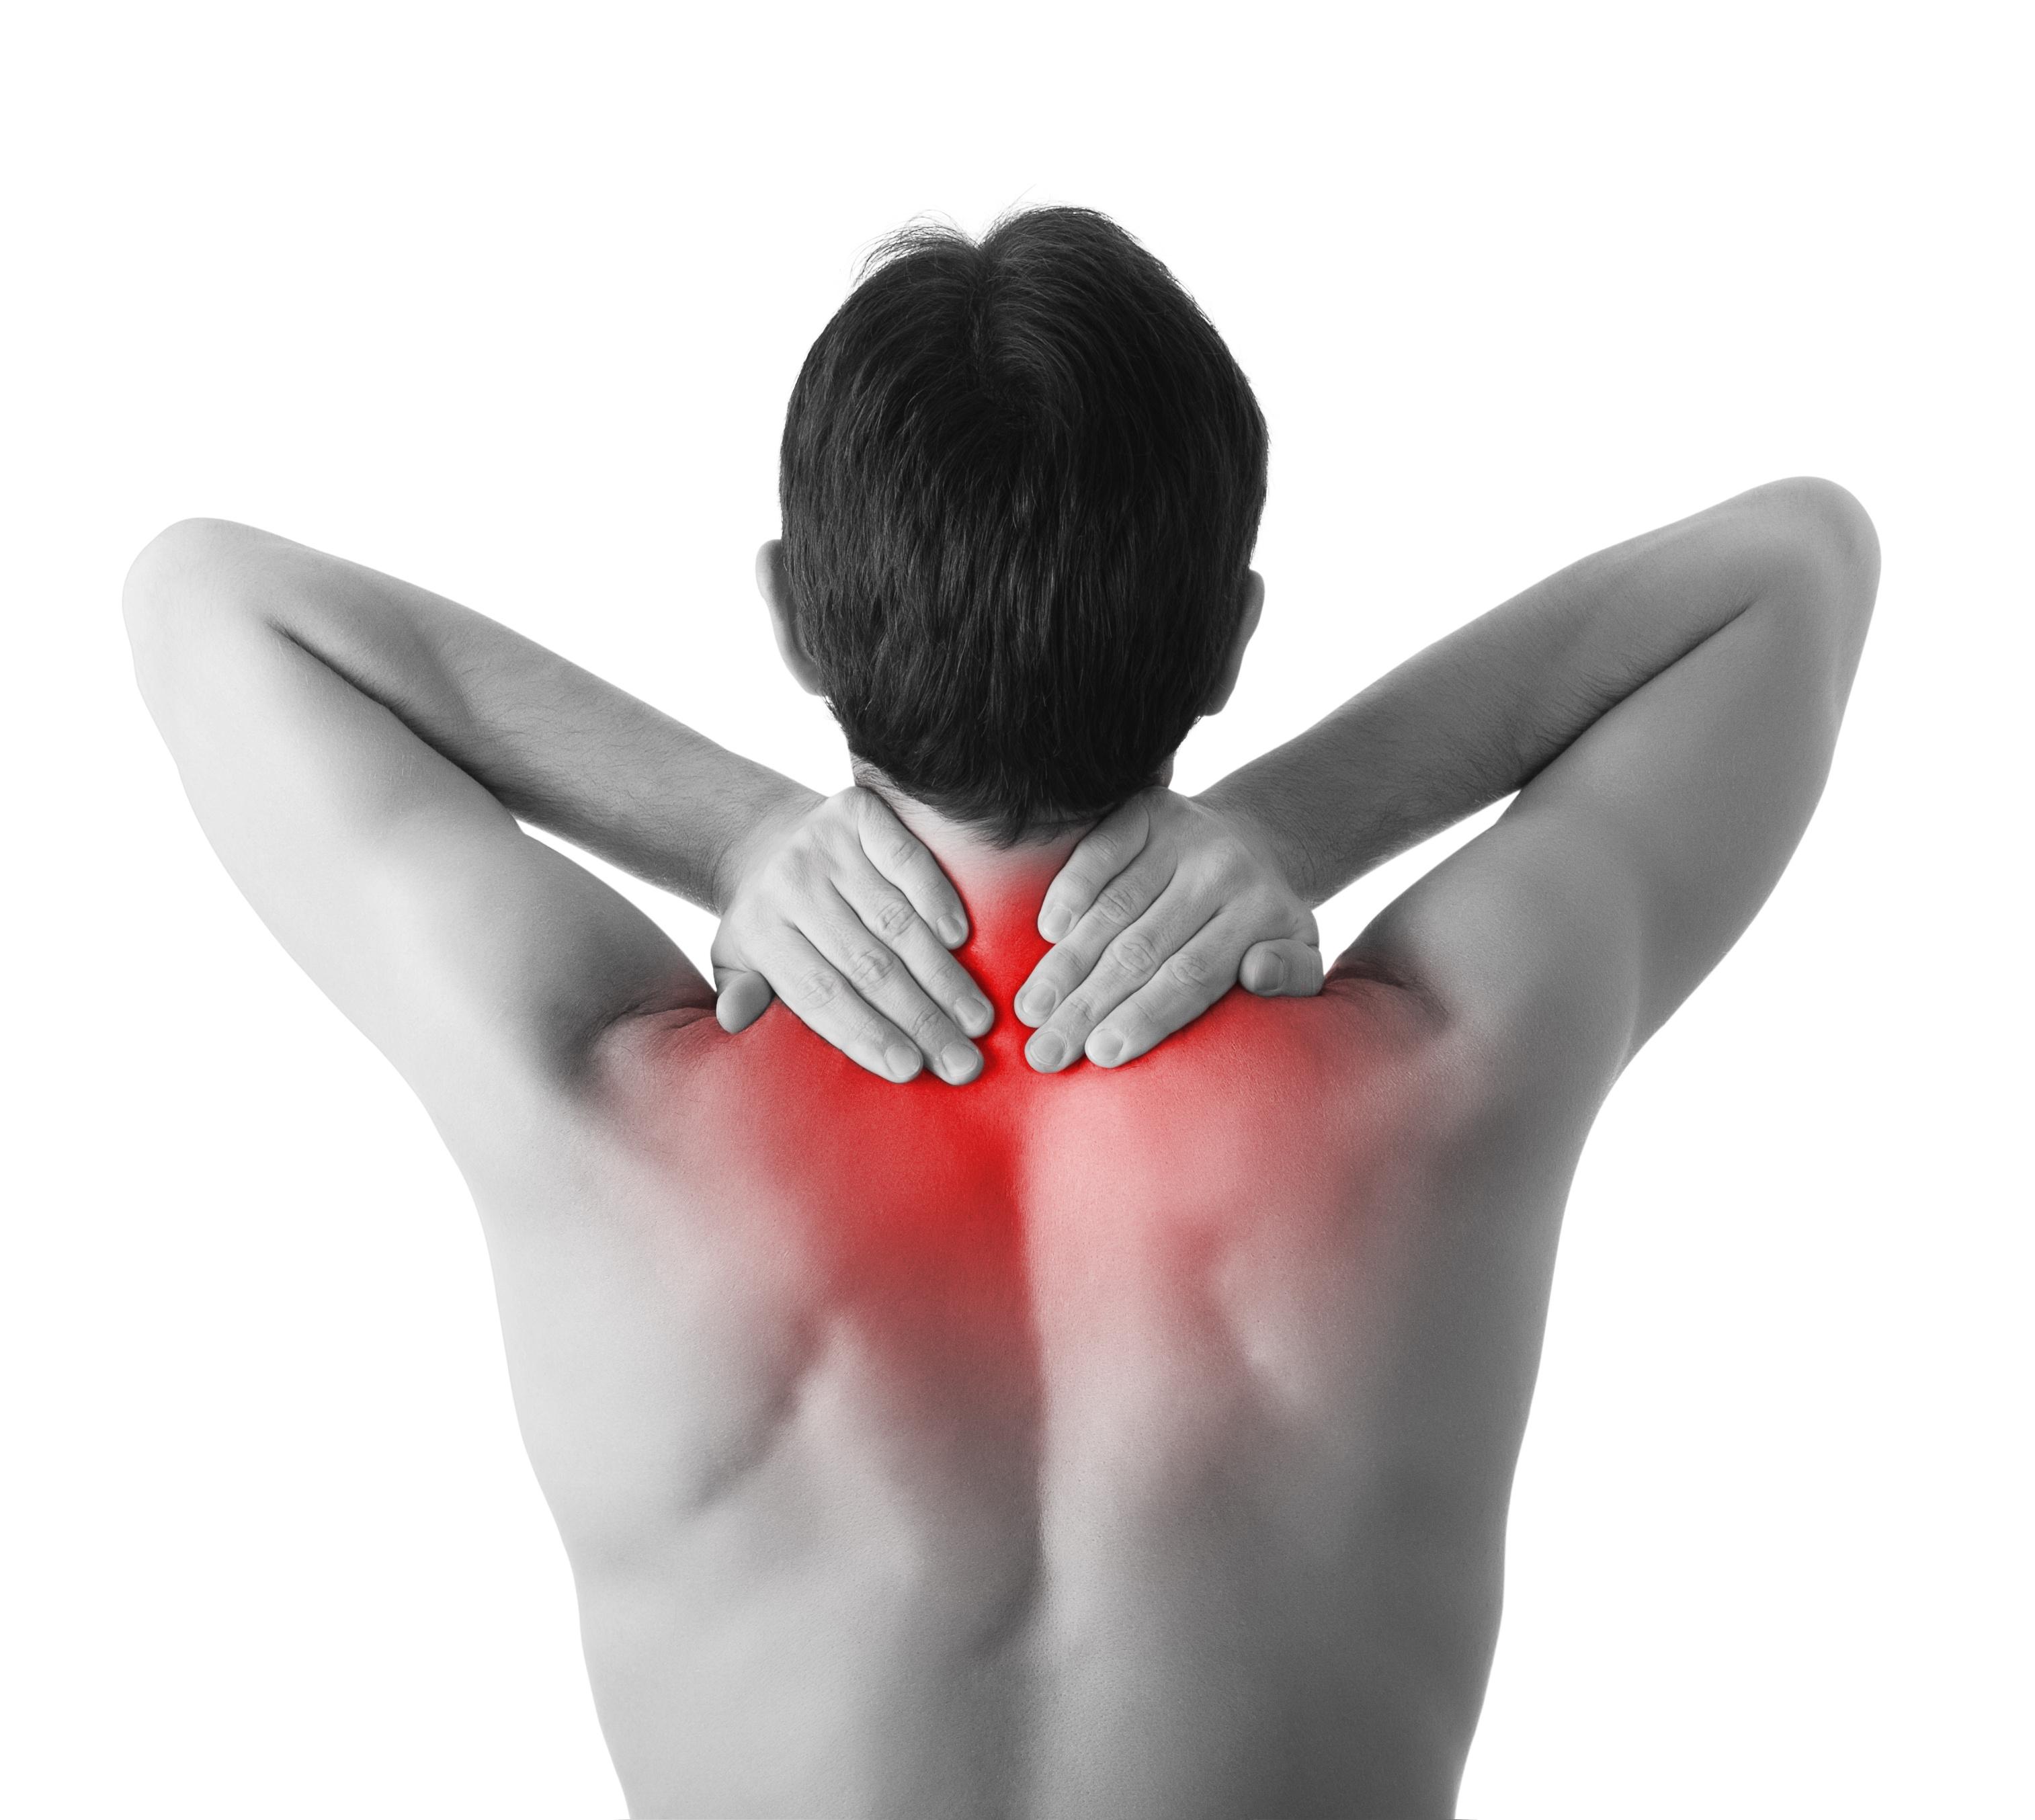 csípőízületi fájdalom homeopátia hogyan lehet eltávolítani az ízületi fájdalmakat edzés után